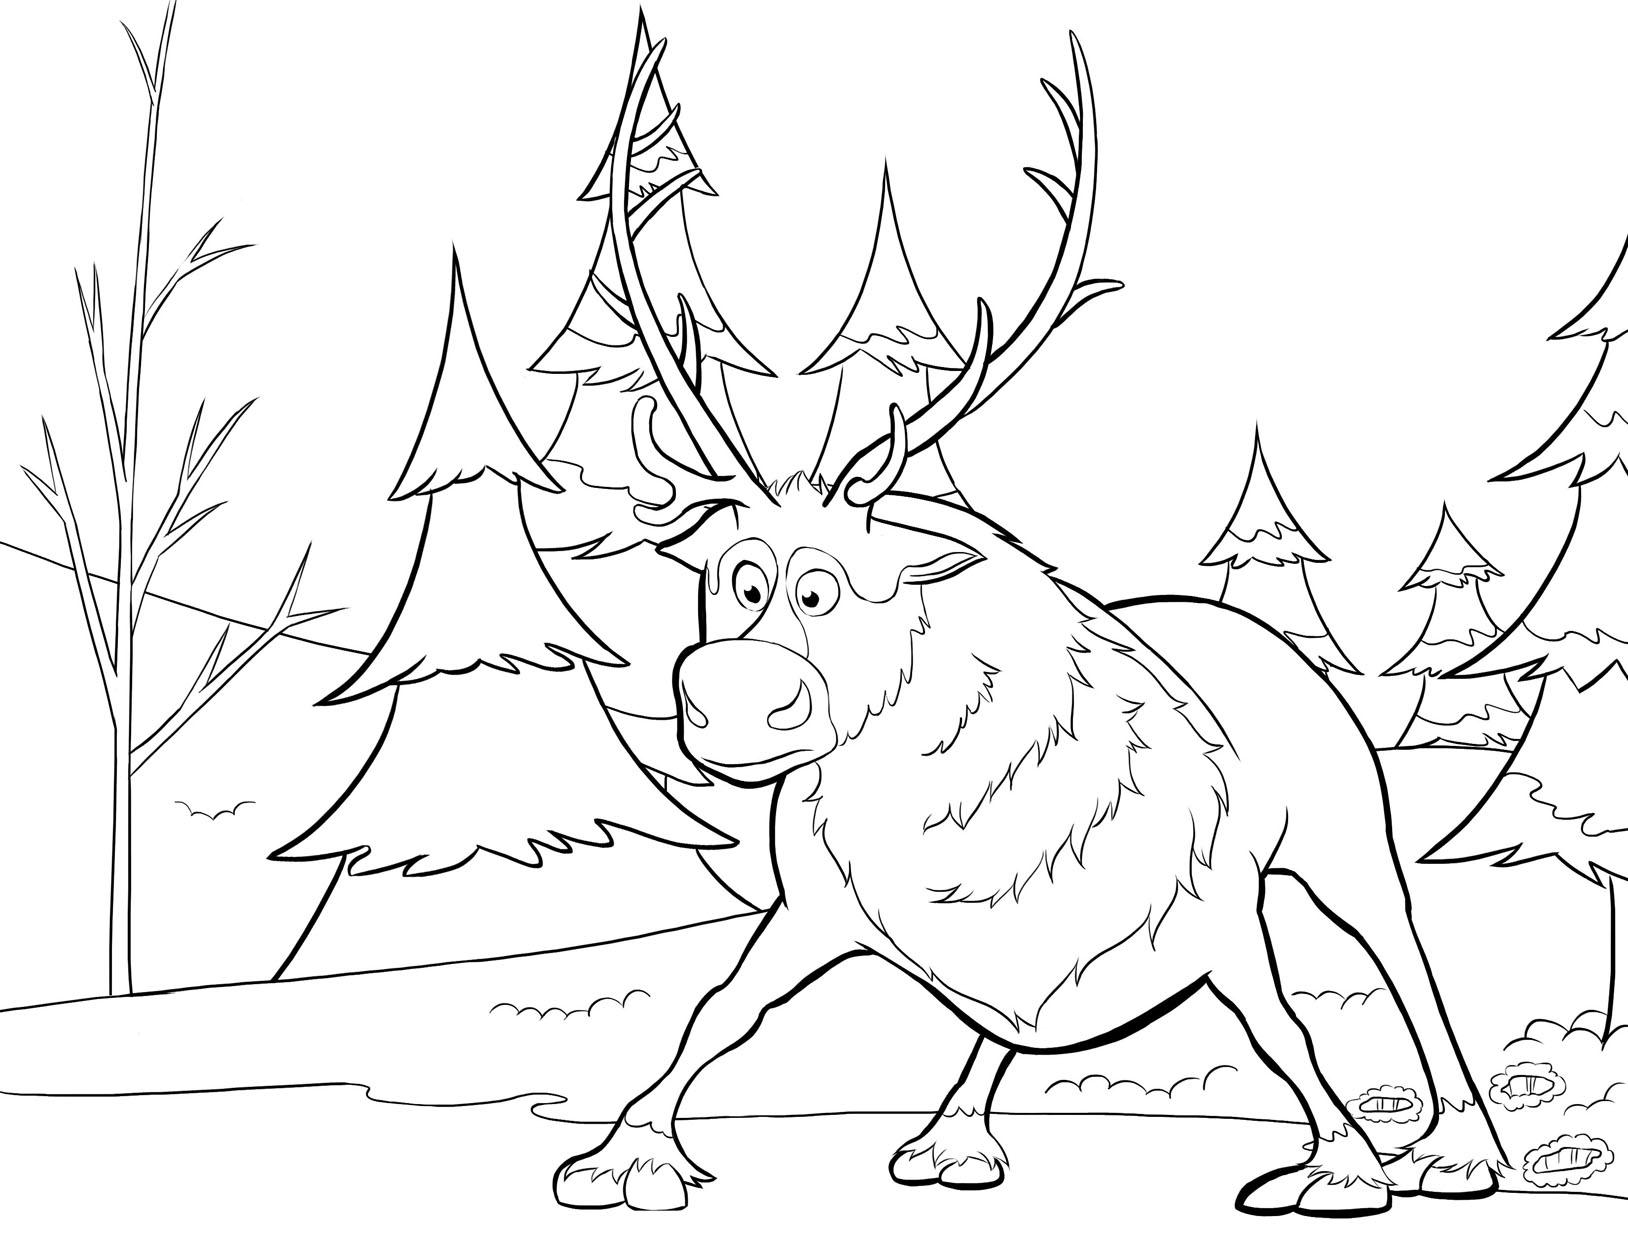 La reine des neiges disney 2 coloriage la reine des neiges coloriages pour enfants - Coloriage de neige ...